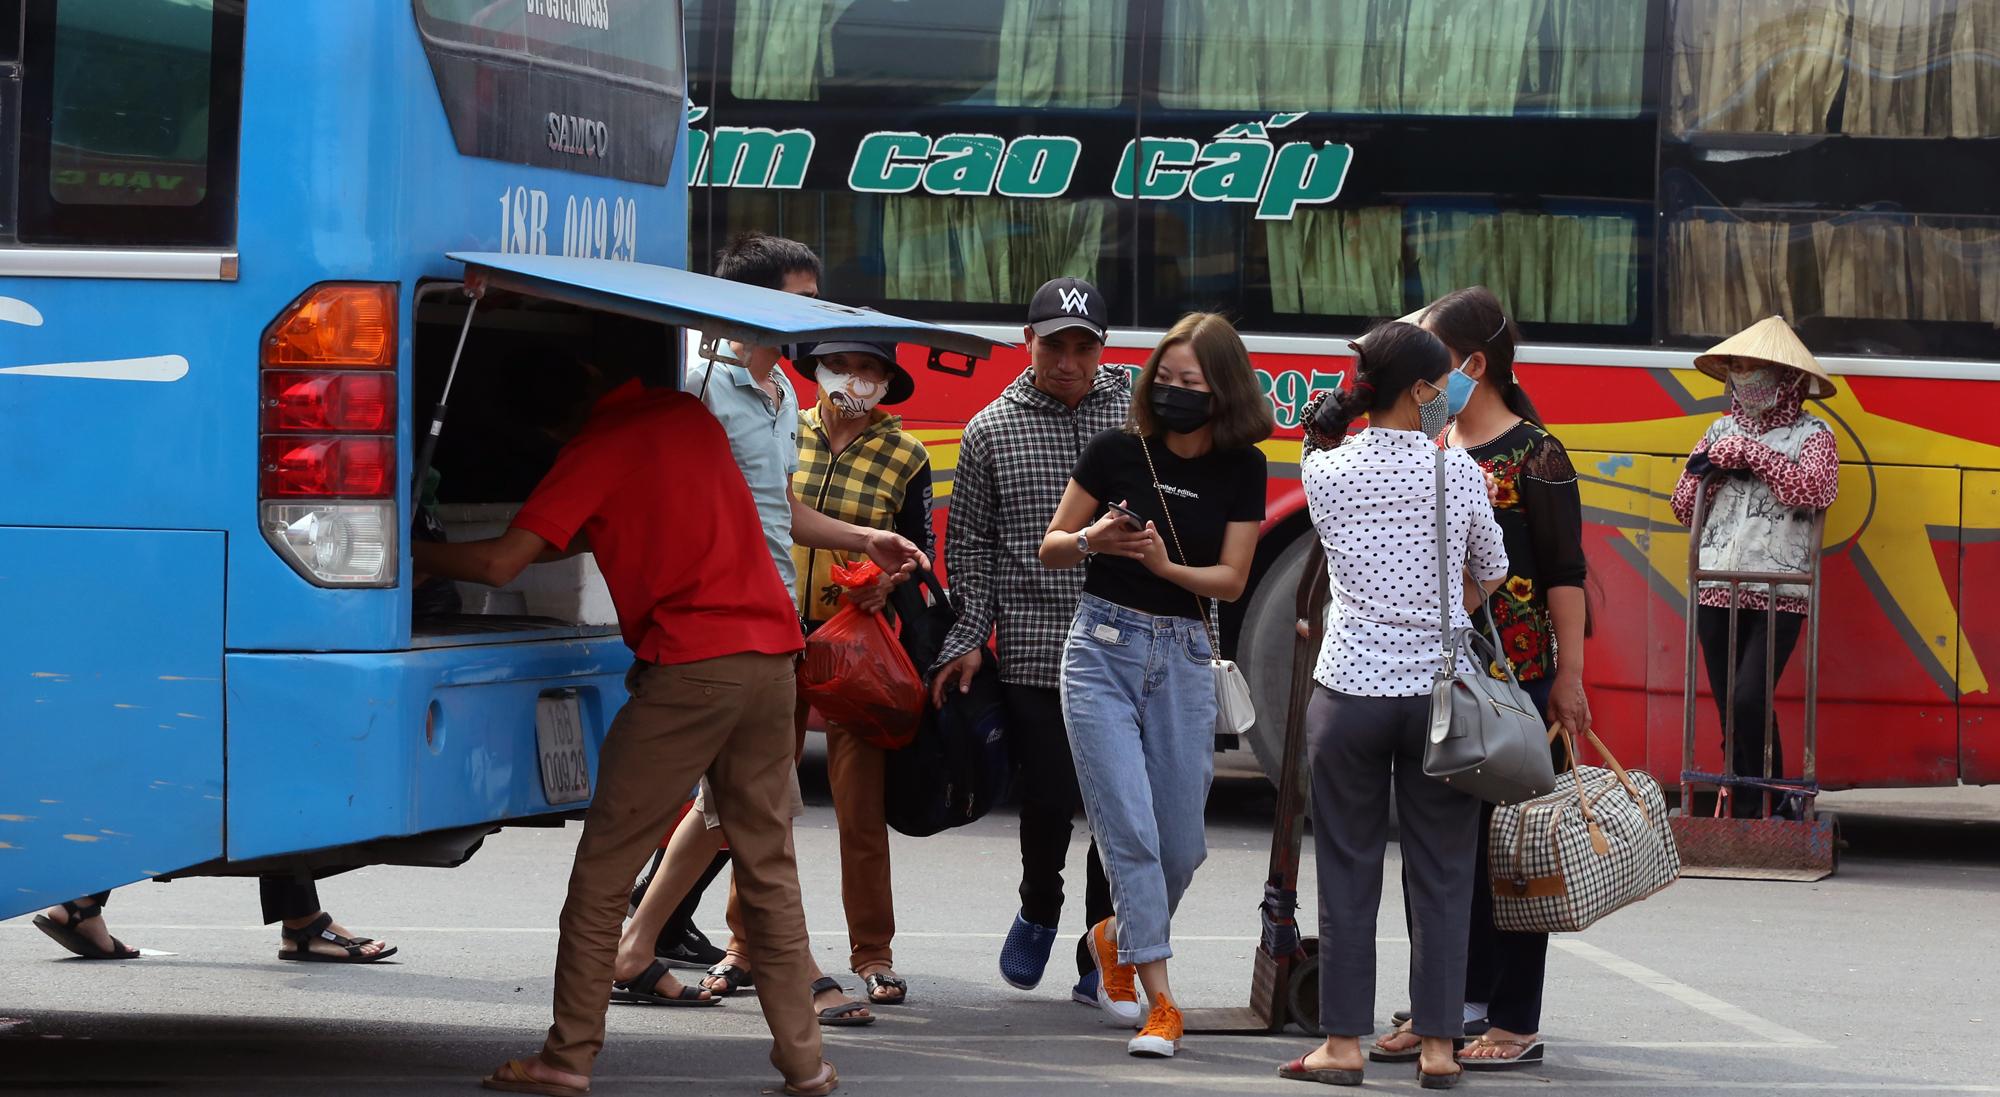 Vận tải khách trở lại bình thường, bến xe ở Hà Nội vẫn vắng vẻ - Ảnh 15.